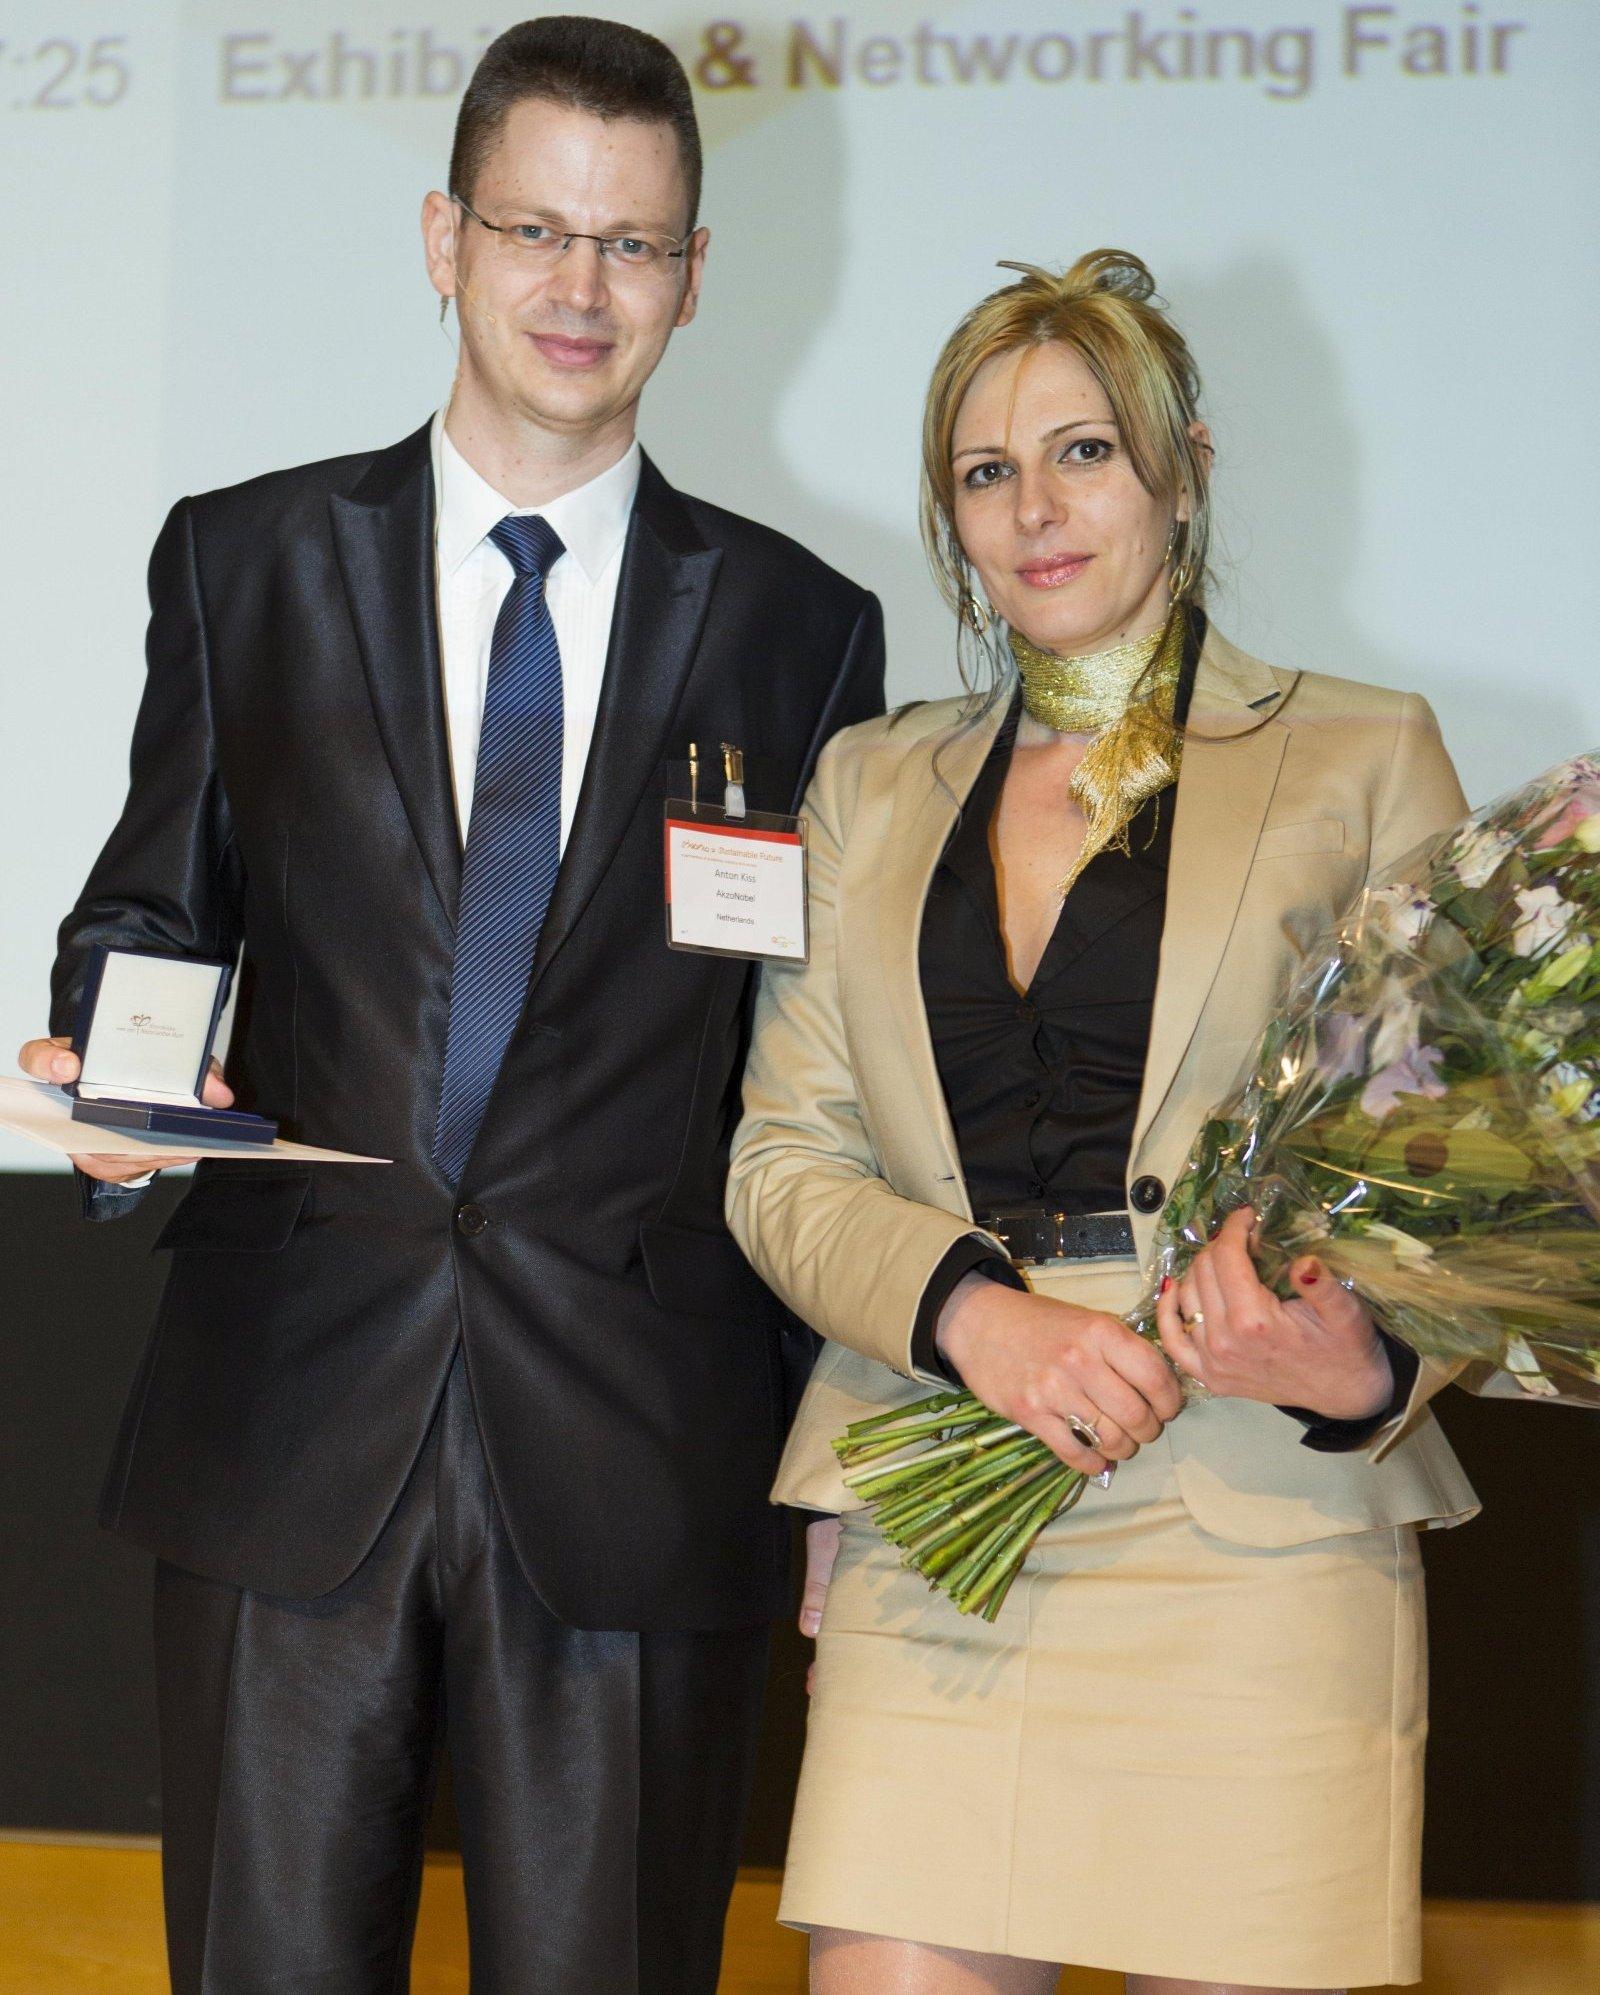 Photo X - Receiving a prestigious Dutch award (Hoogewerff Jongerenprijs) in The Hague